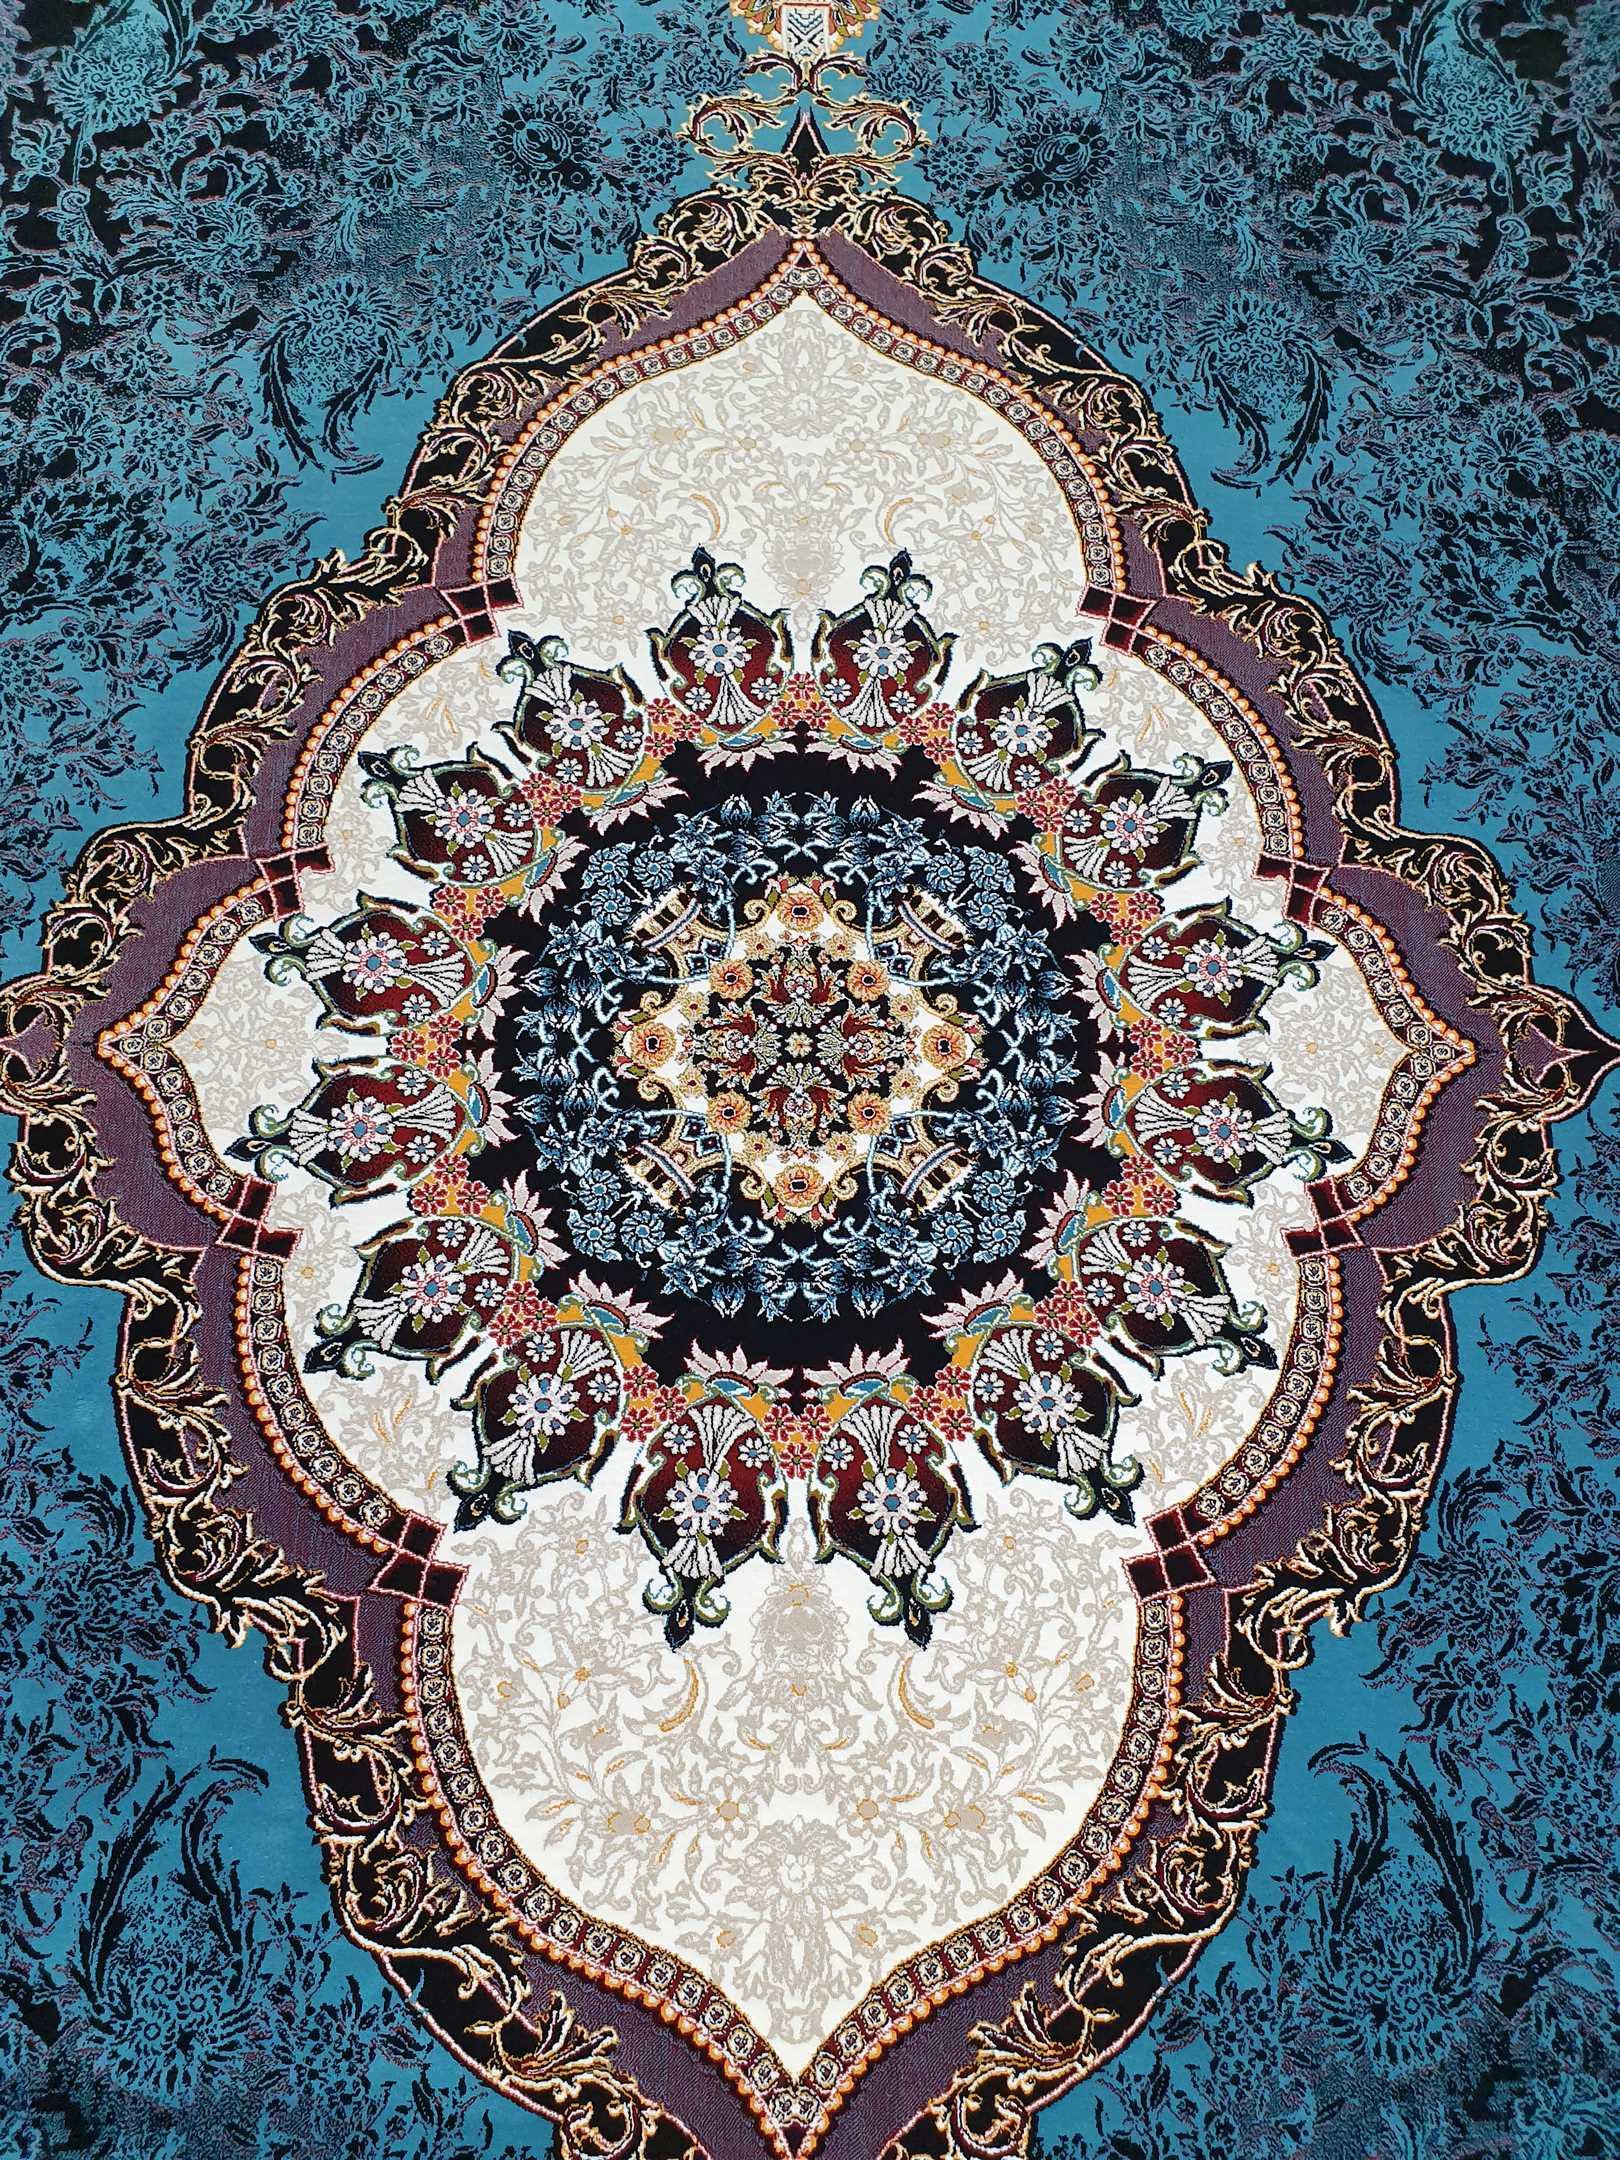 فرش تاج محل 1000 شانه